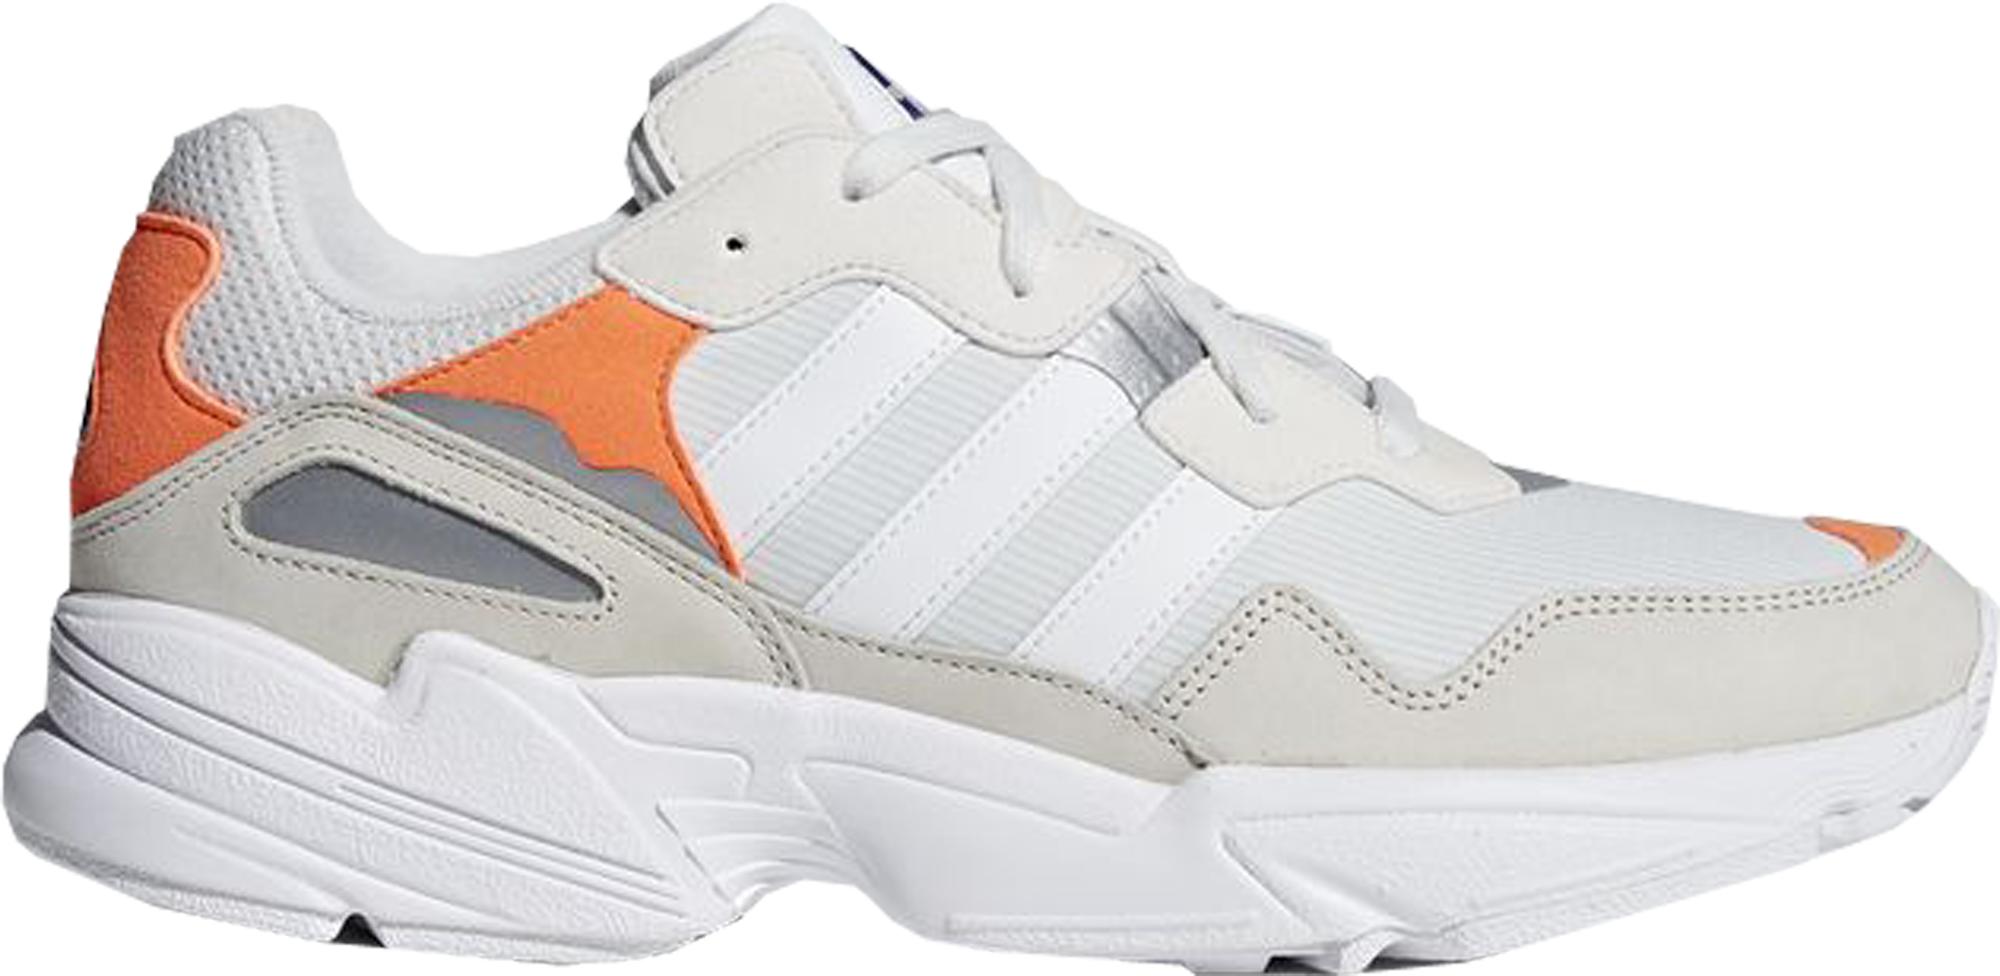 adidas Yung-96 White Orange